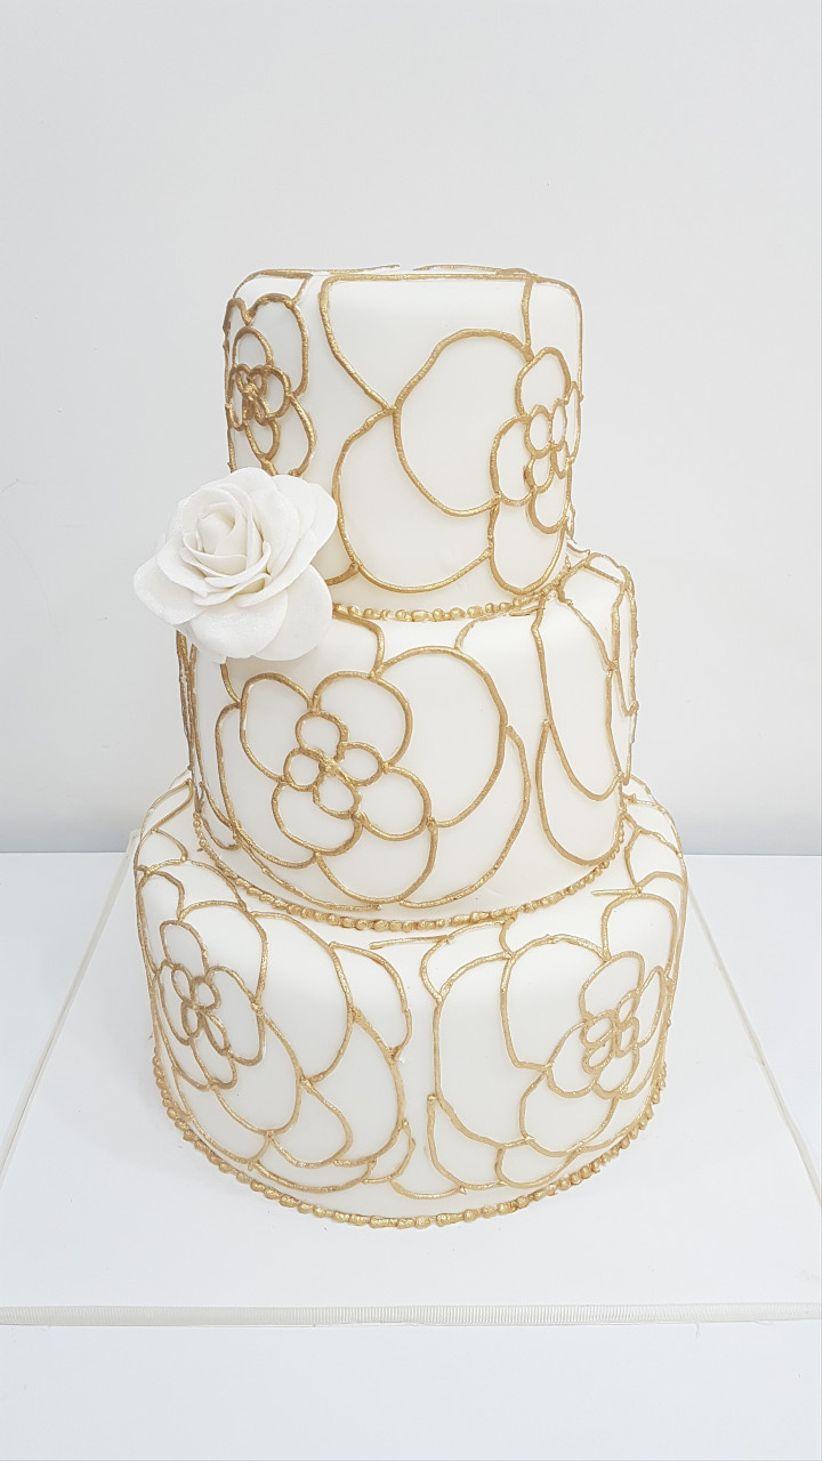 CakeDesignerMx